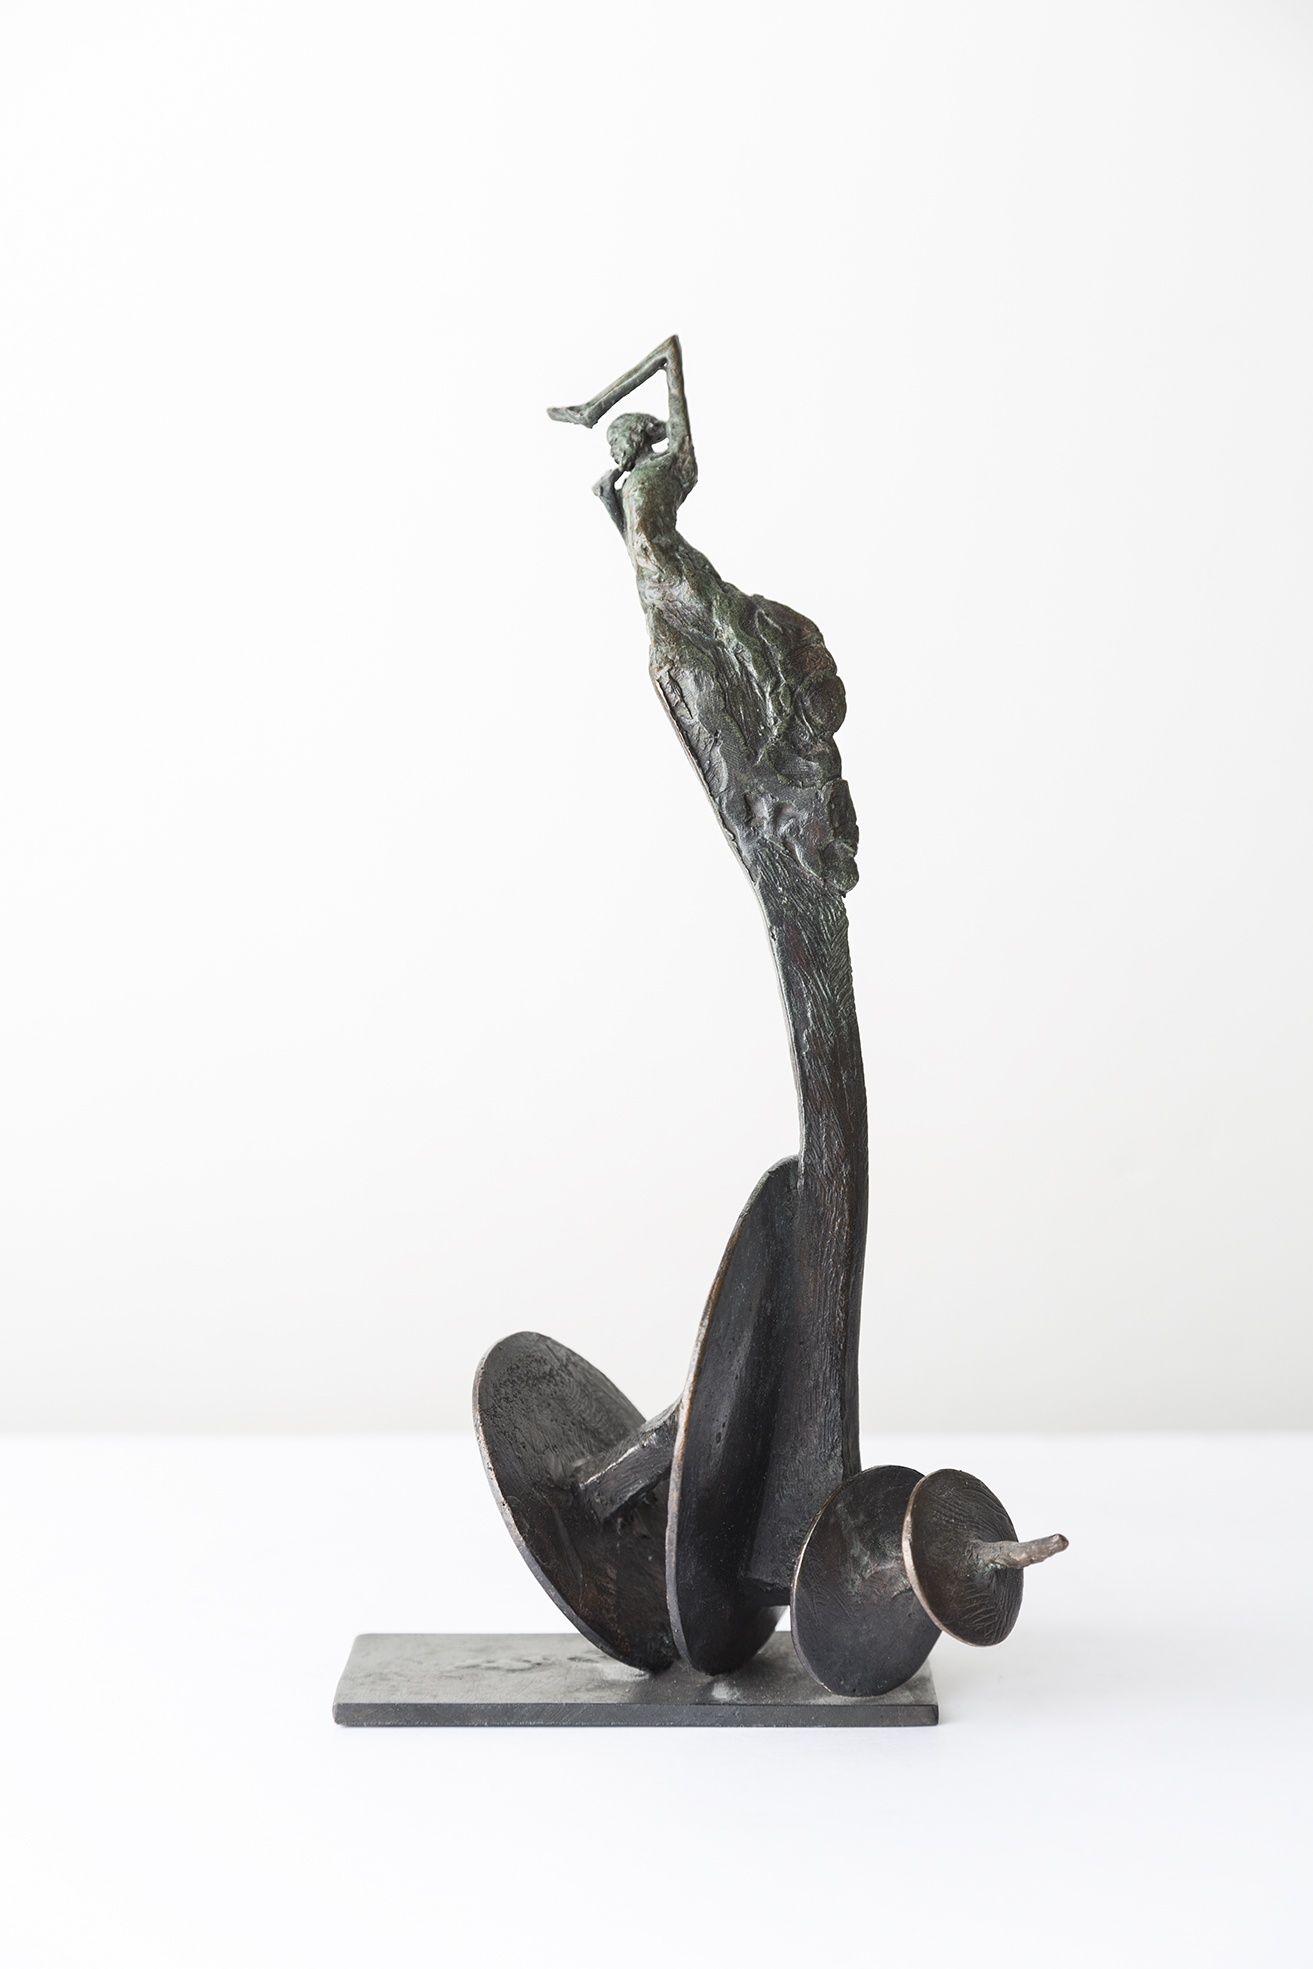 Vibration | 30 cm | 2011